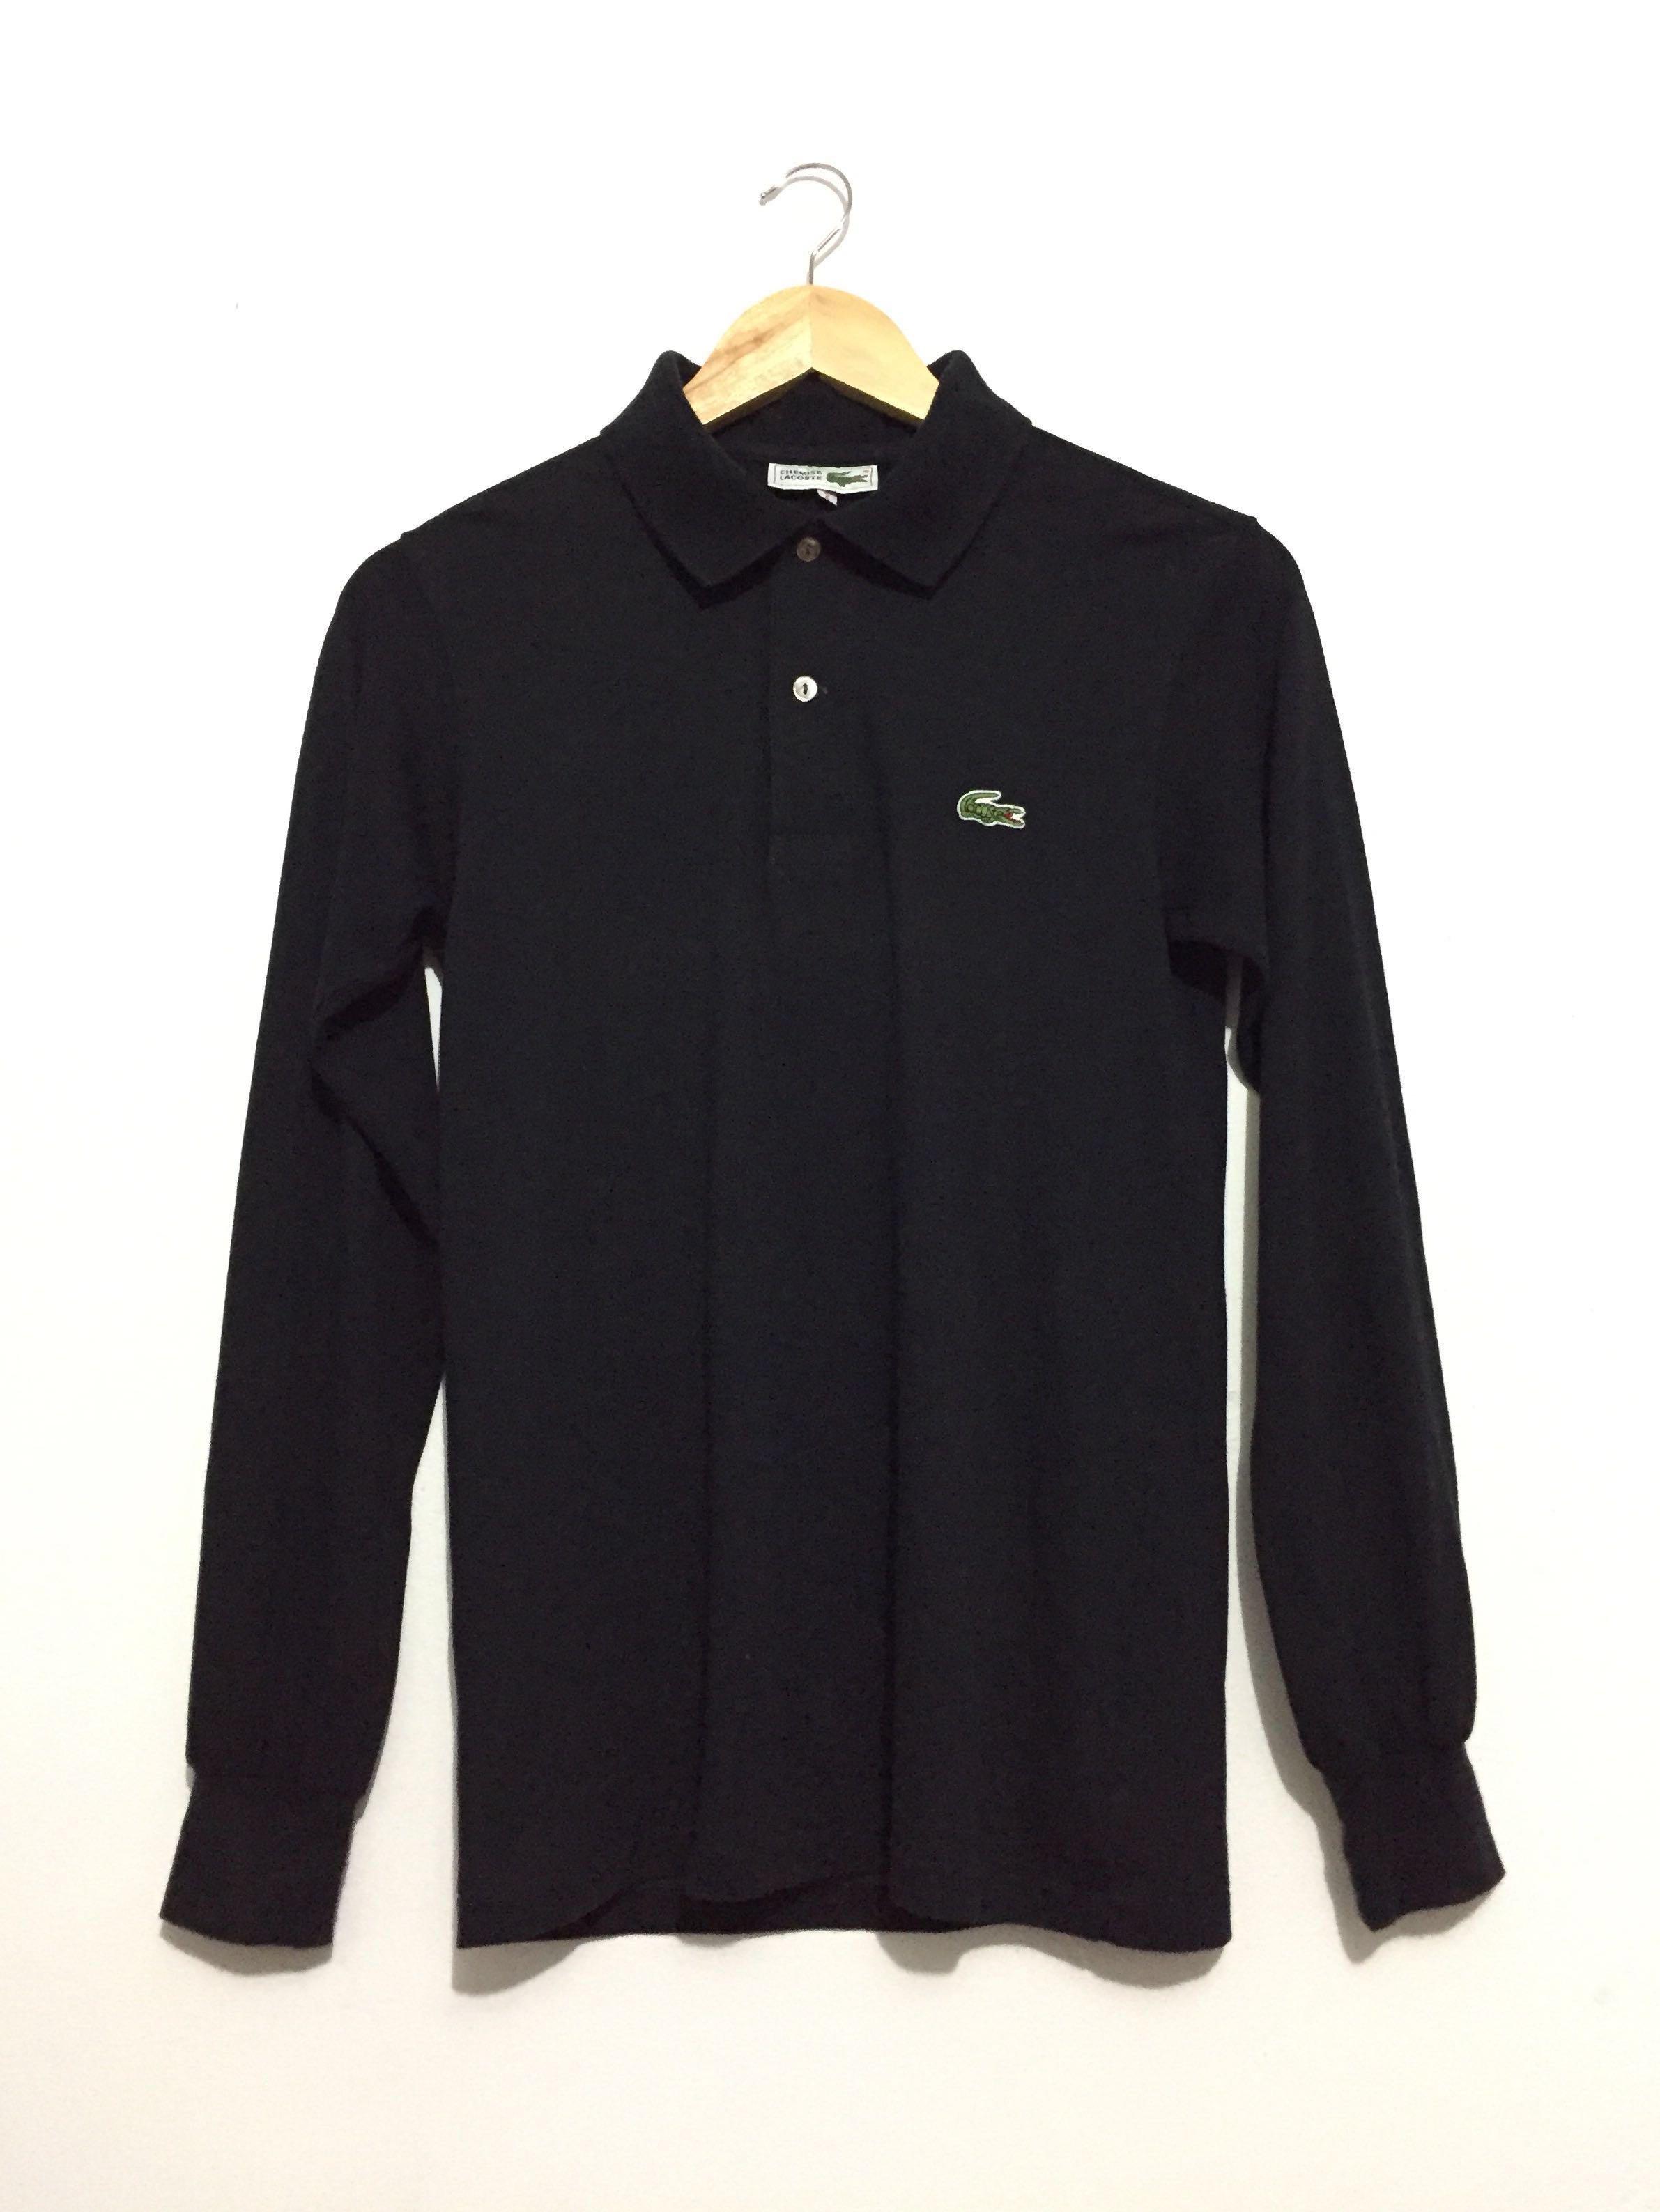 bffb0fbd2906 Lacoste Polo Shirt